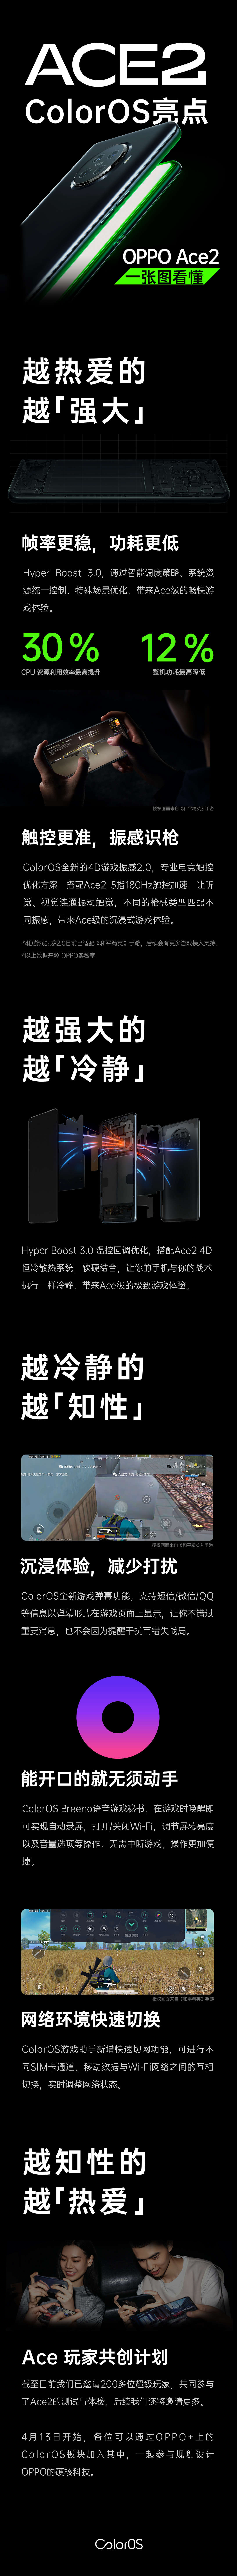 OPPO Ace 2 ColorOS7.1 亮点